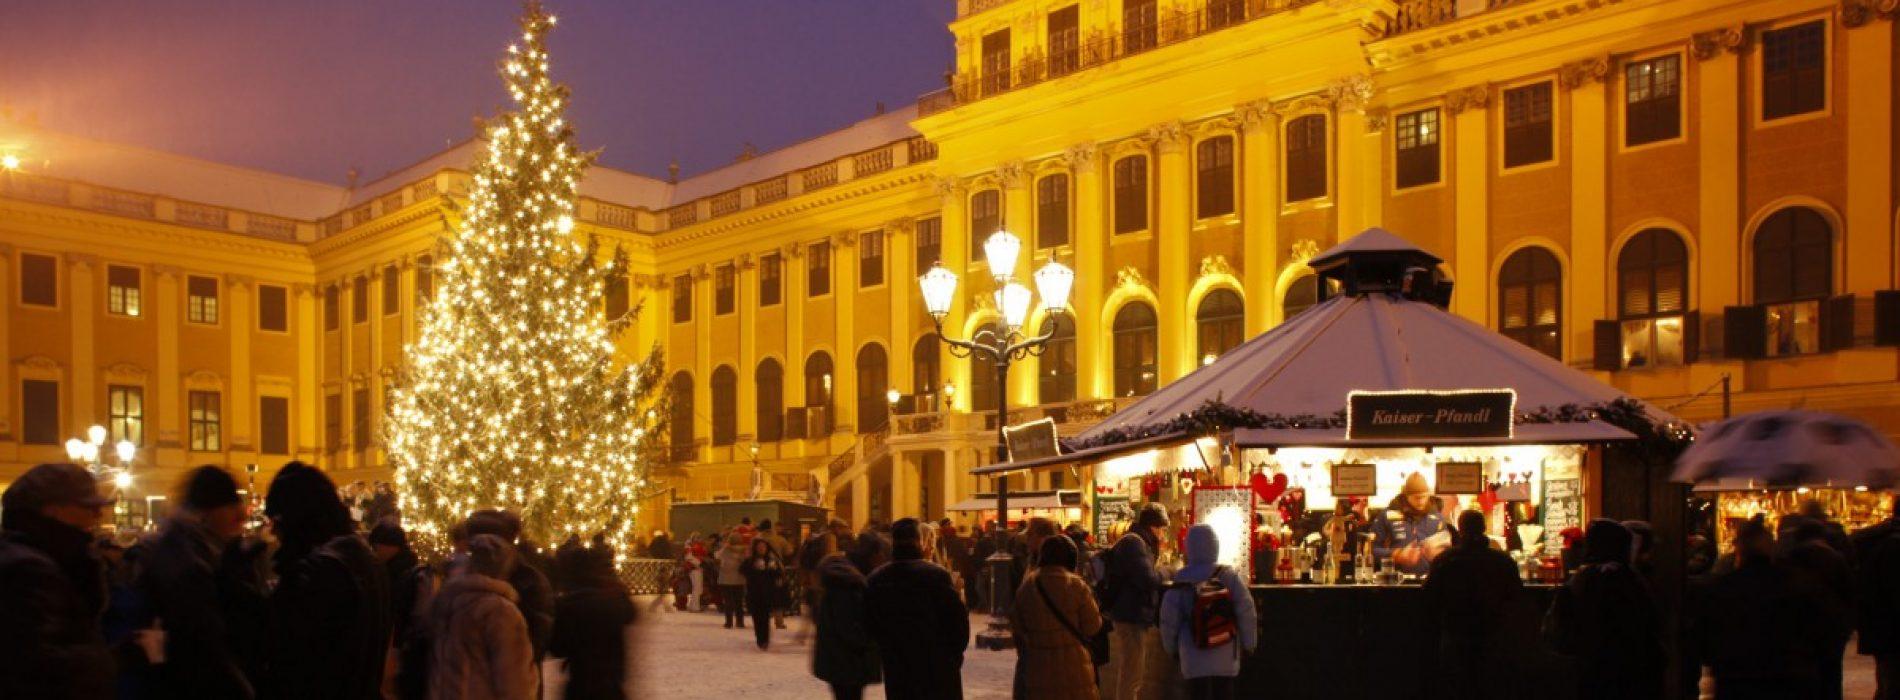 Viena, o capitală și 5 târguri de Crăciun ca în poveștile cu prinți și prințese